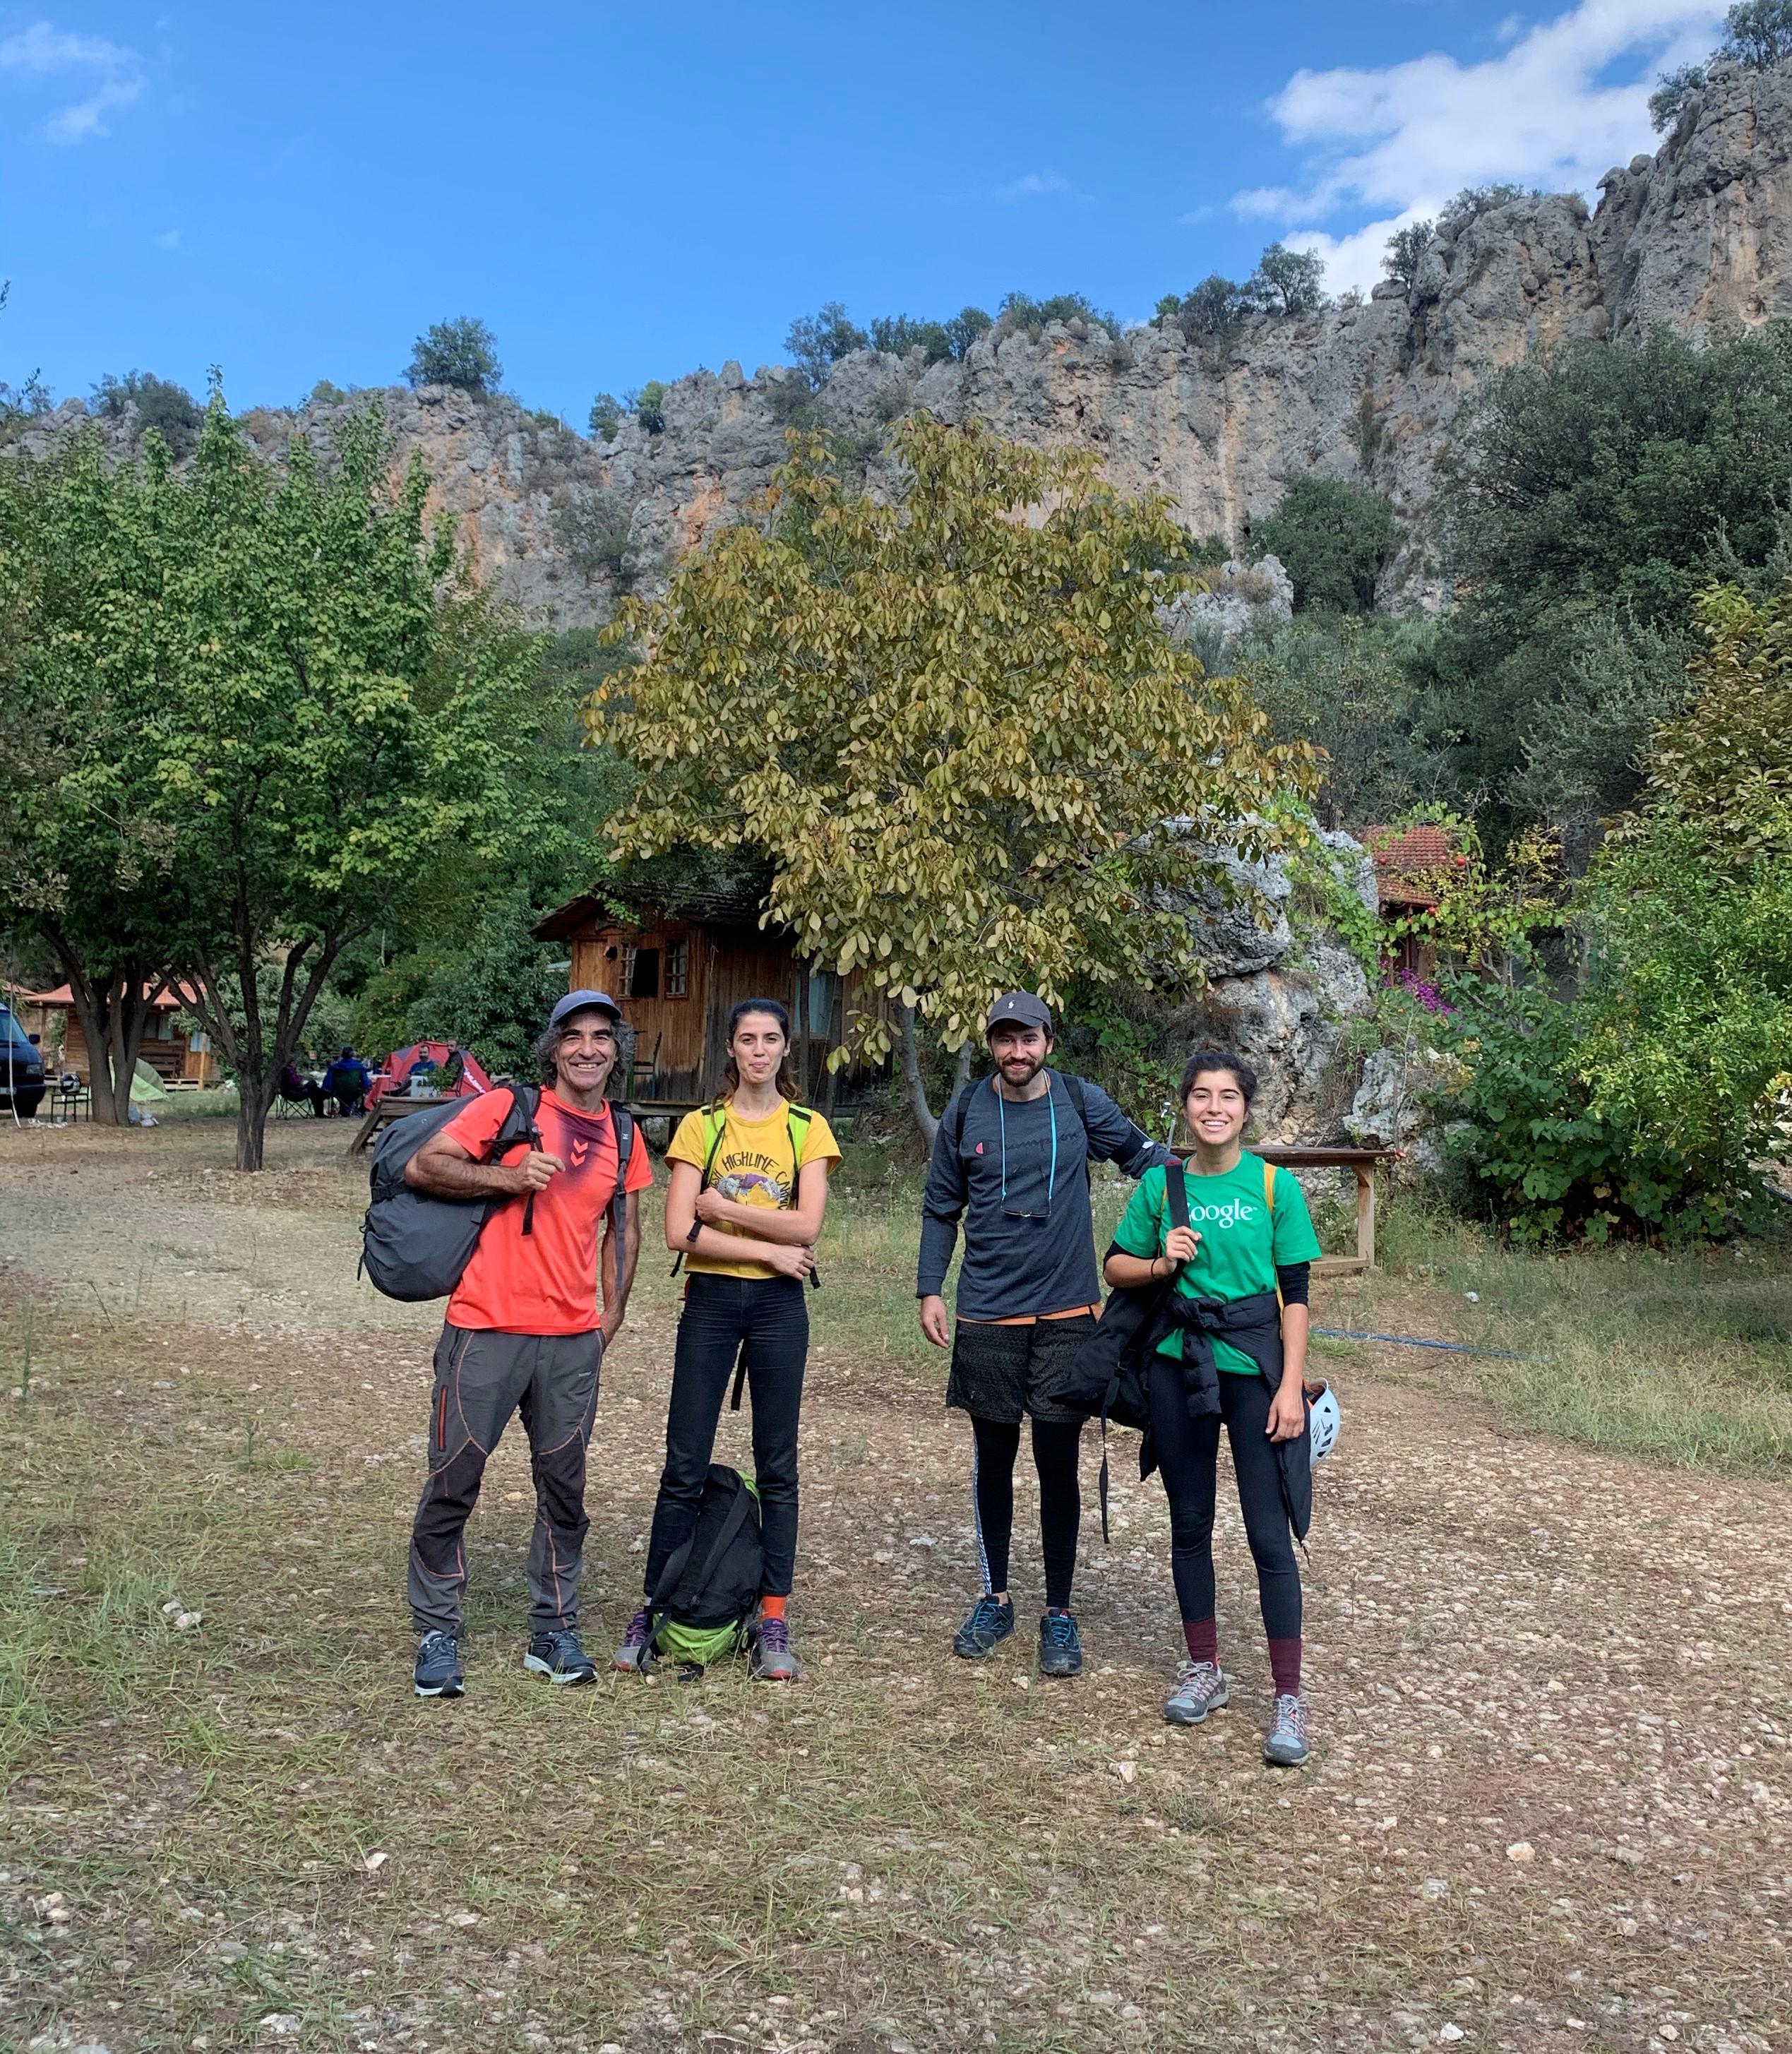 Selo, Asude Demirci, Kerimcan Maltepe, Rana Özer Geyikbayırı,Antalya